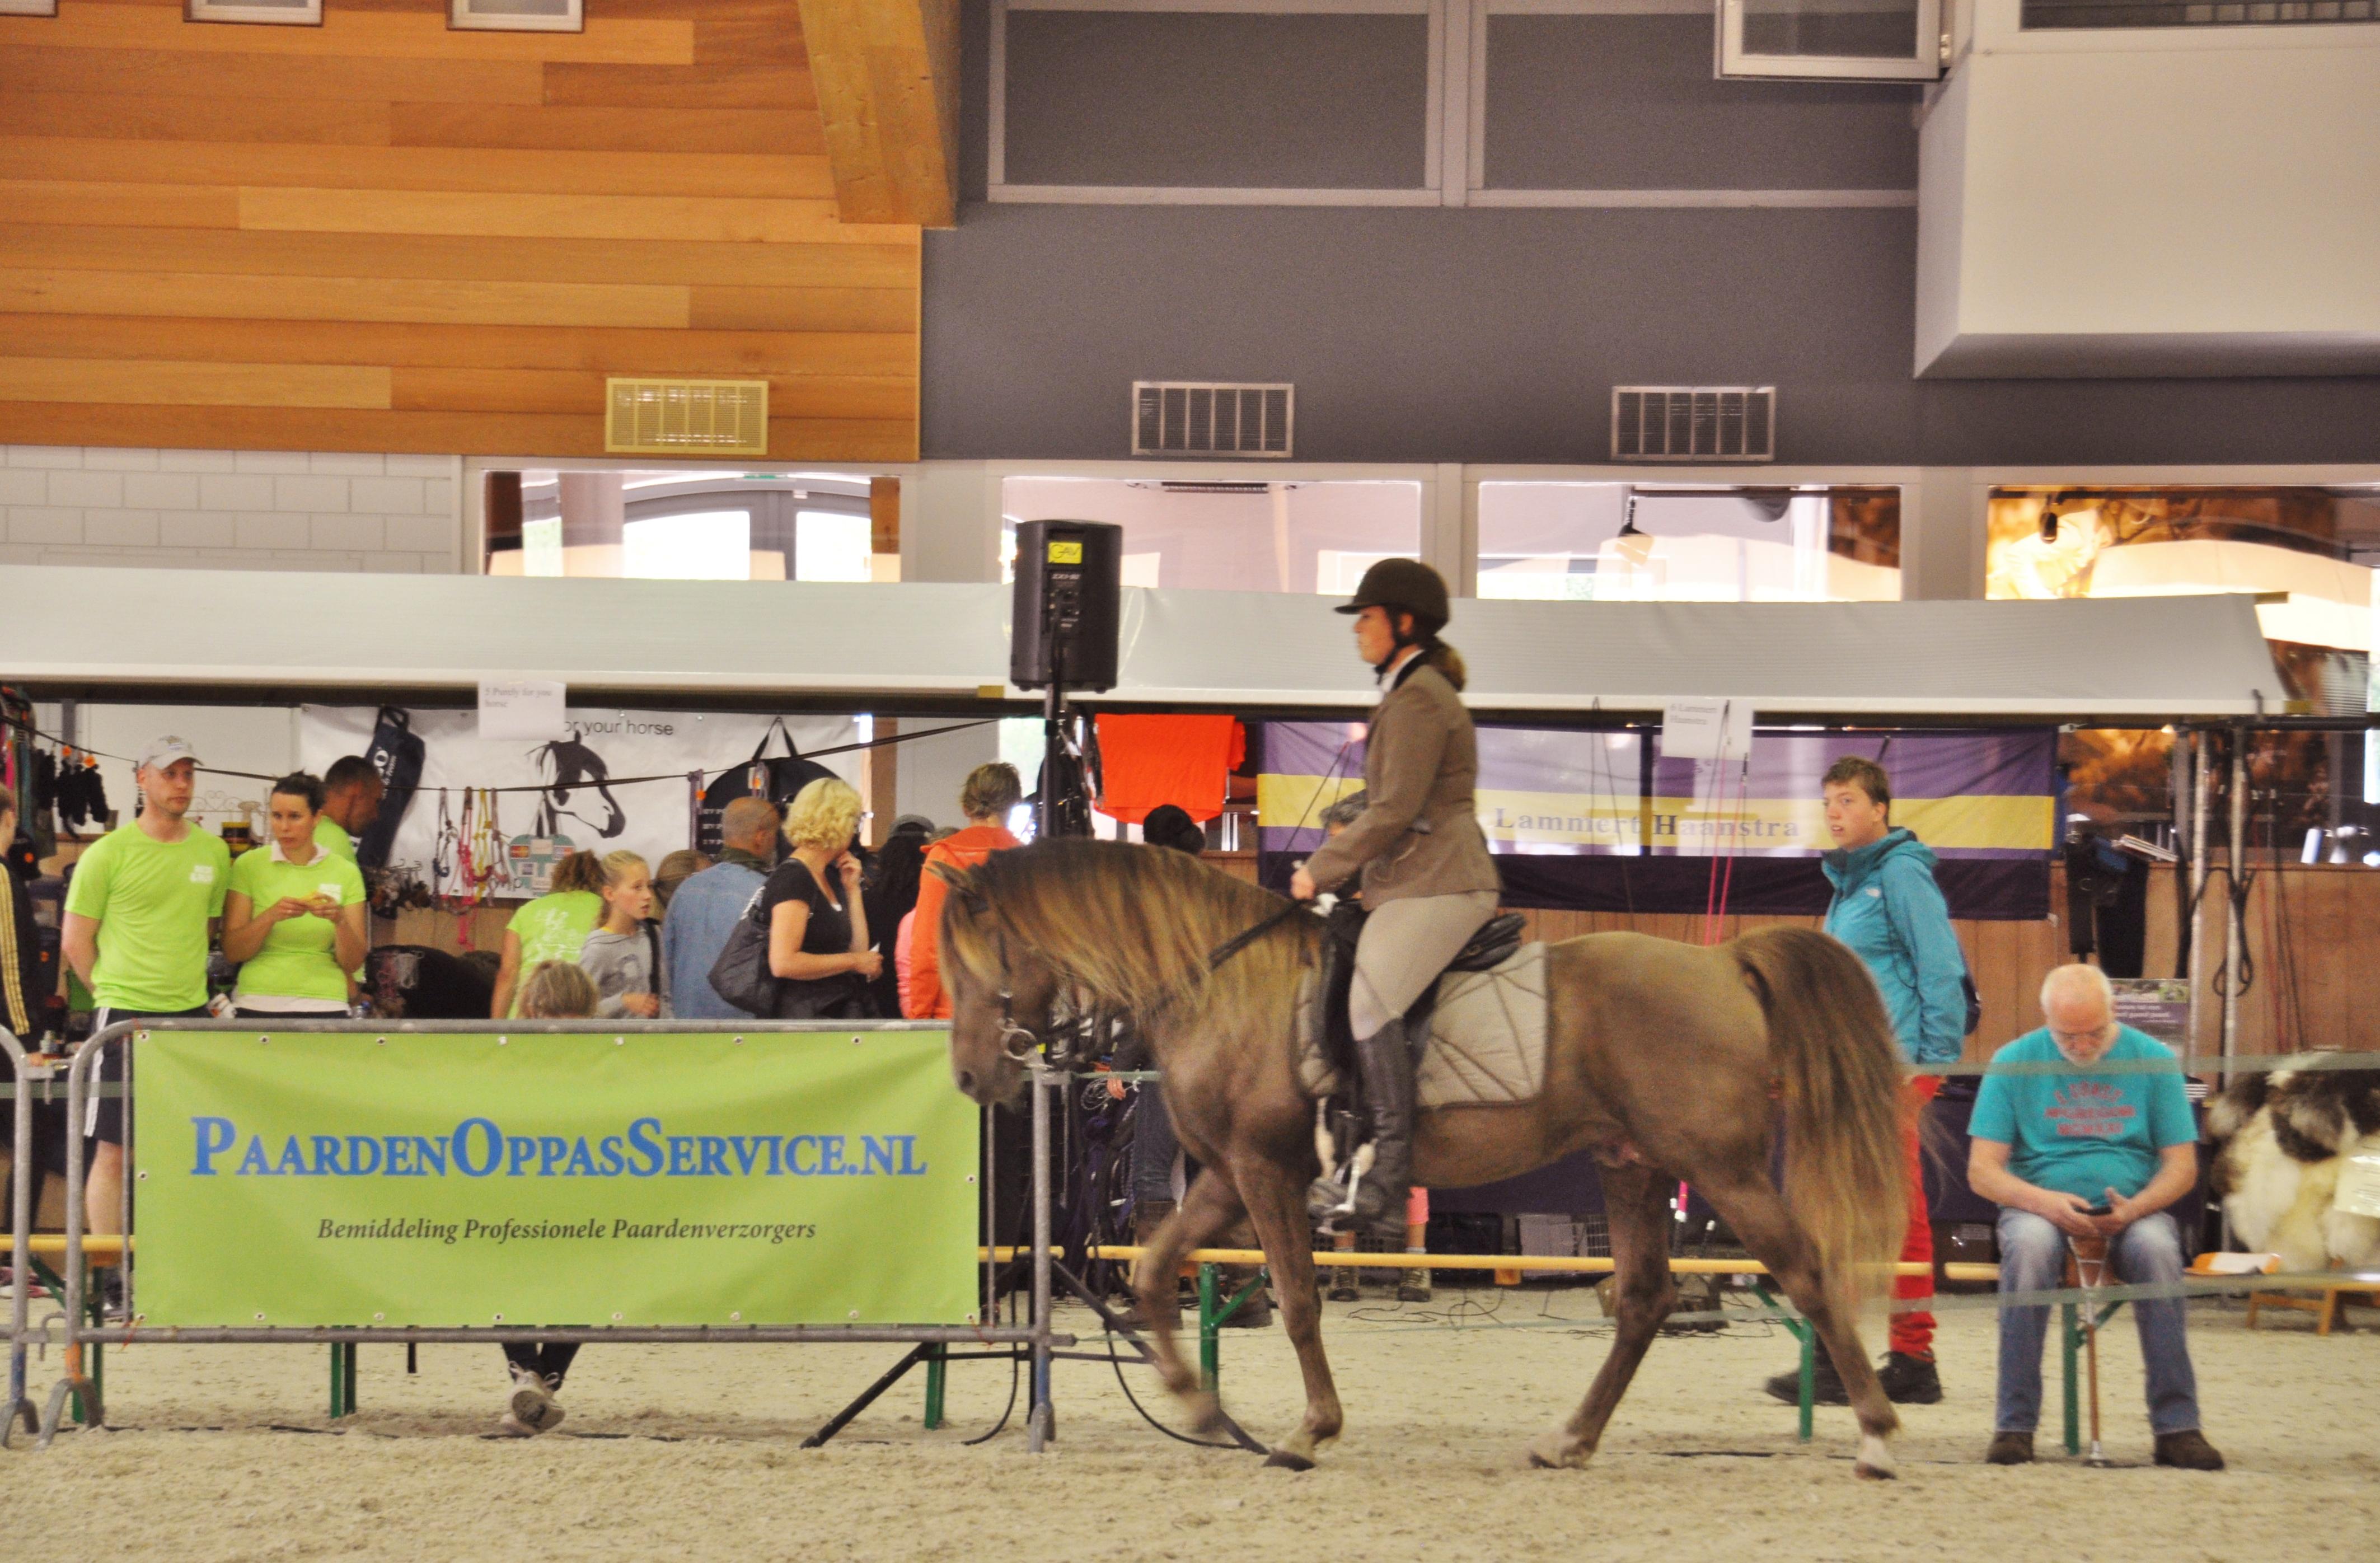 Paarden Oppas Service bij de KNHS